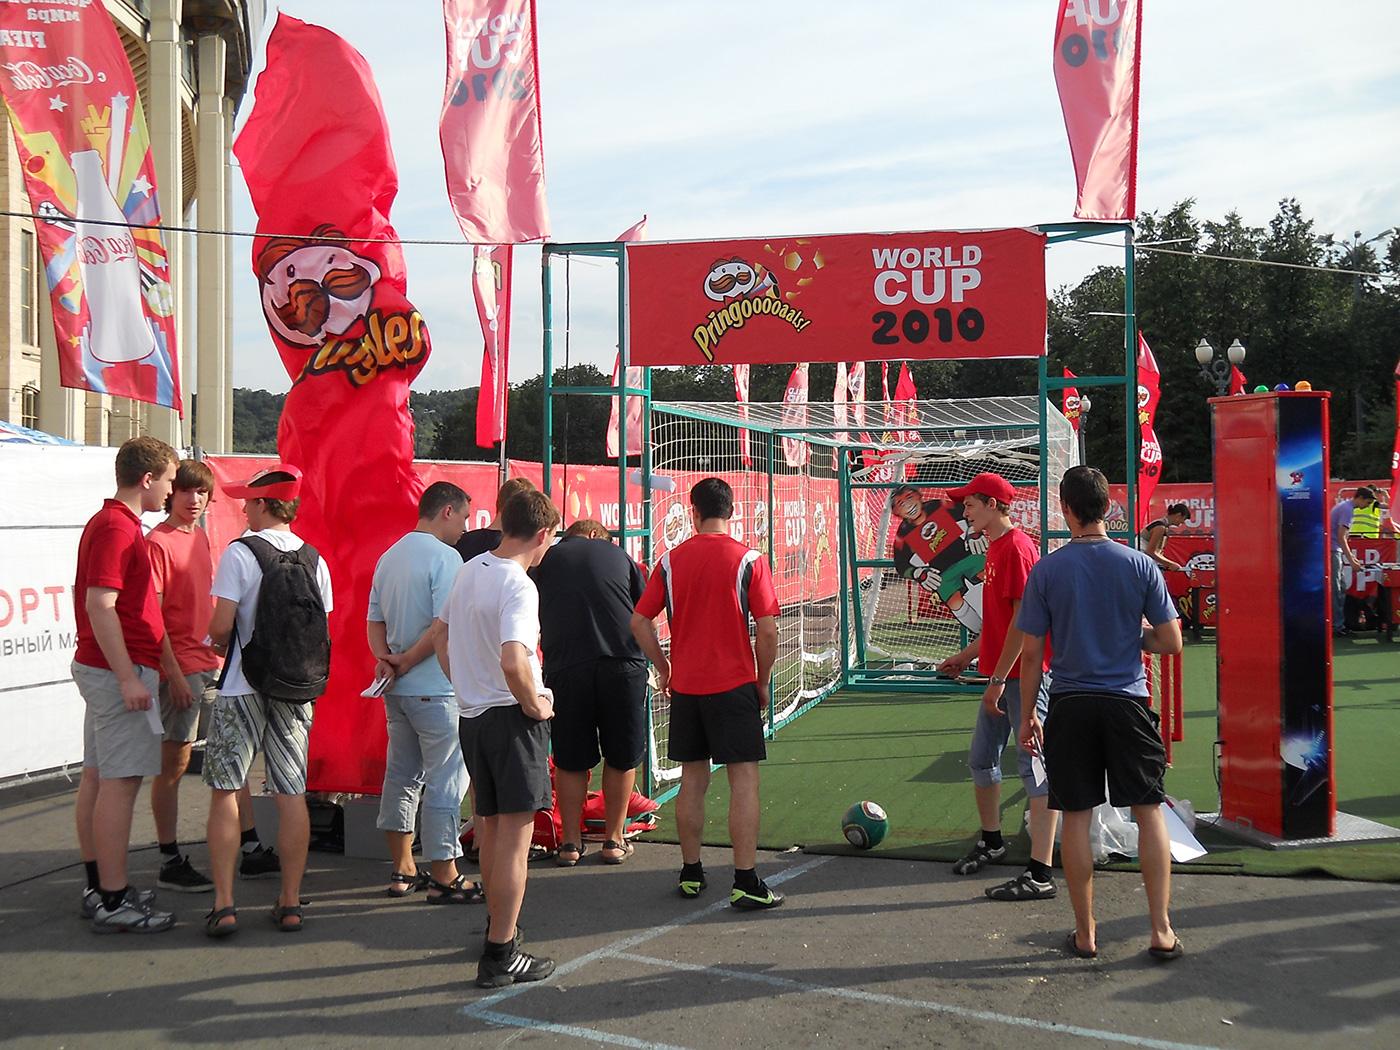 Футбольный парк - Принглс - Организация спортивных мероприятий